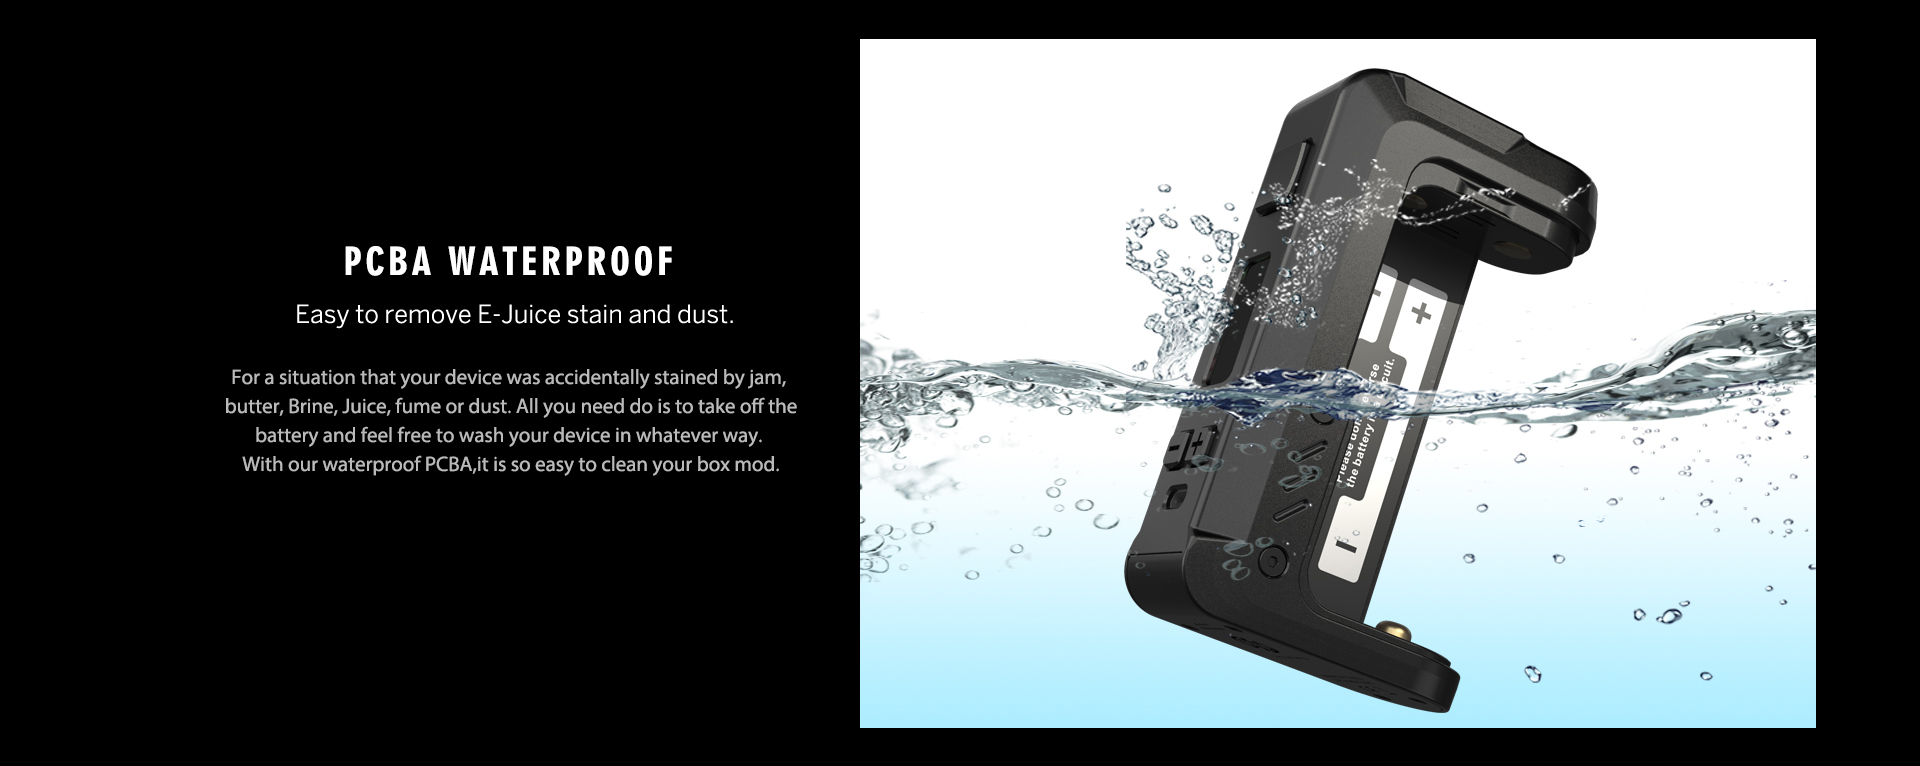 gaur21 waterproof